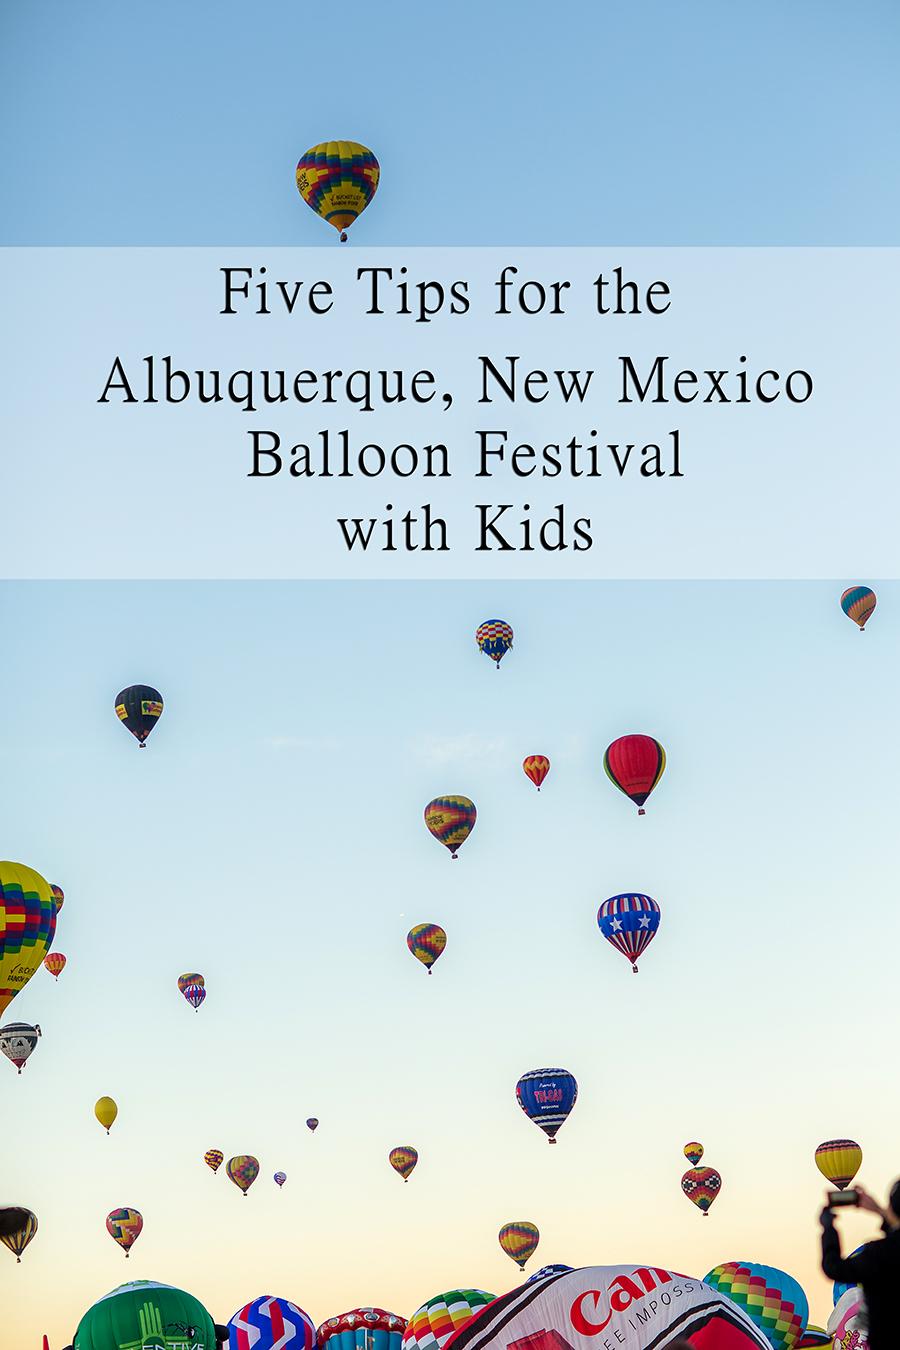 Hot Air Balloon Festival Albuquerque New Mexico with Kids